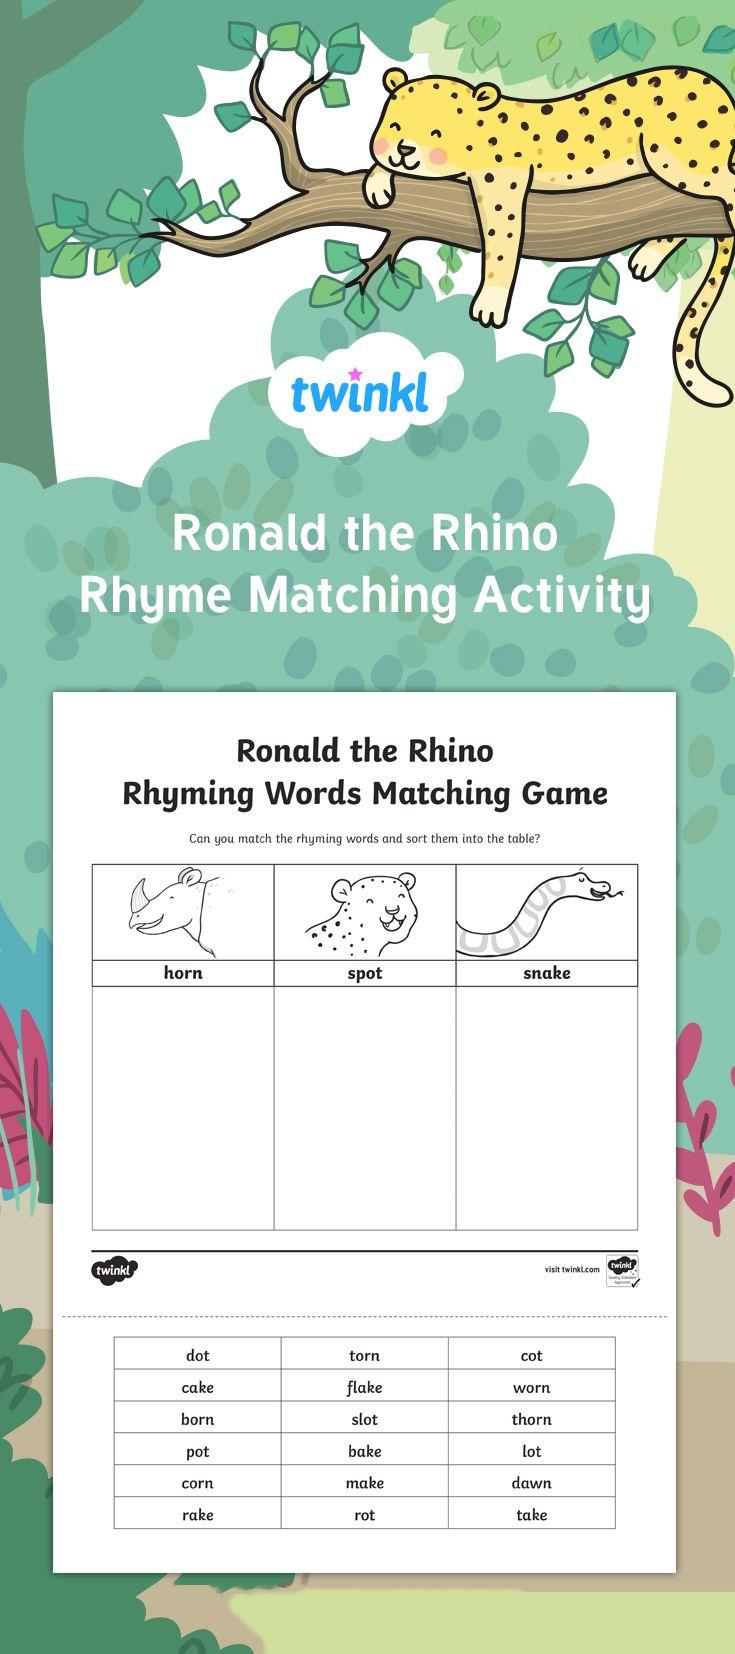 45+ Rhyming games online uk ideas in 2021